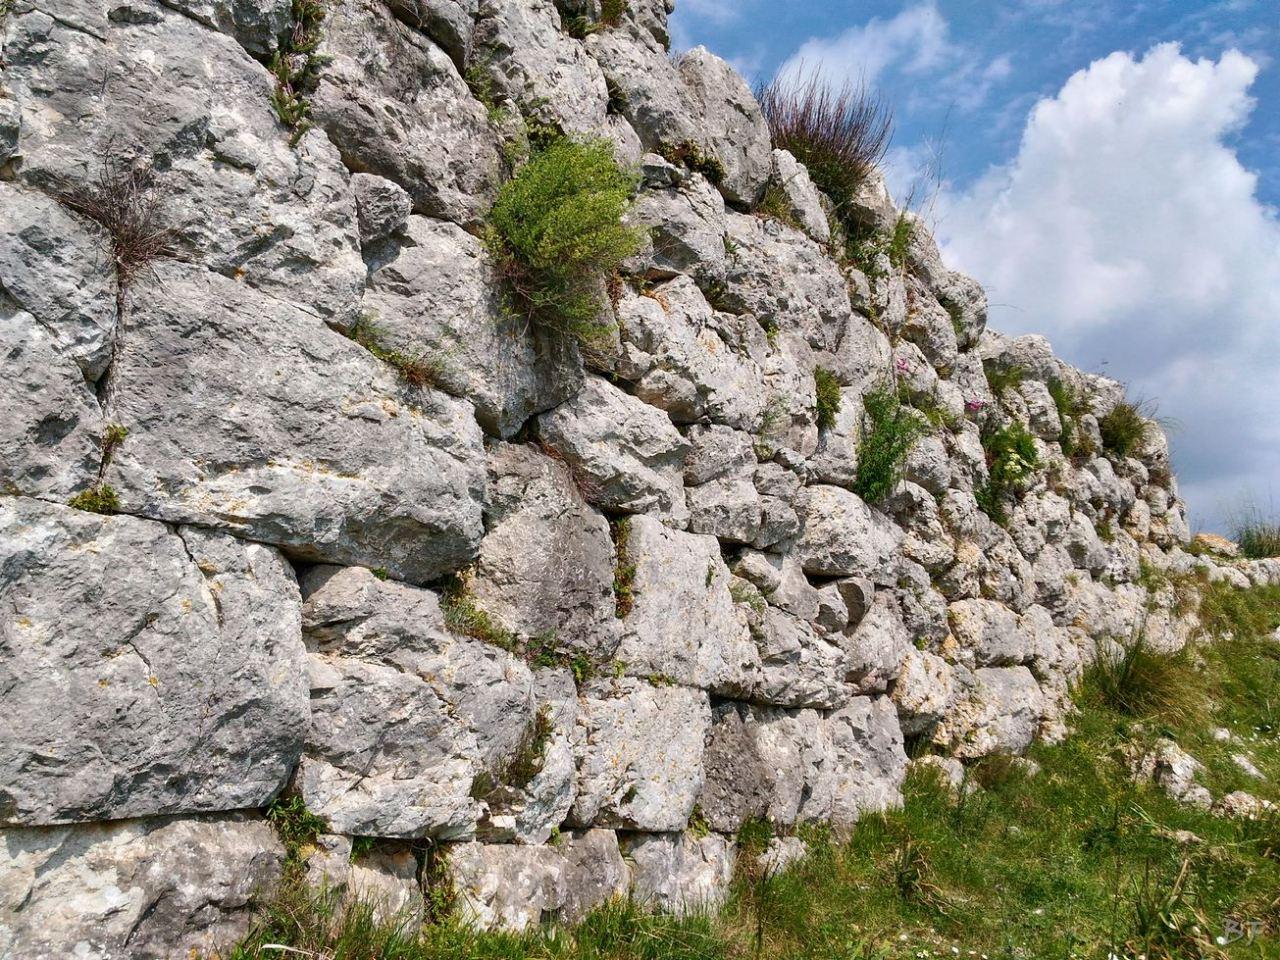 Norba-Mura-Megalitiche-Poligonali-Latina-Lazio-Italia-25